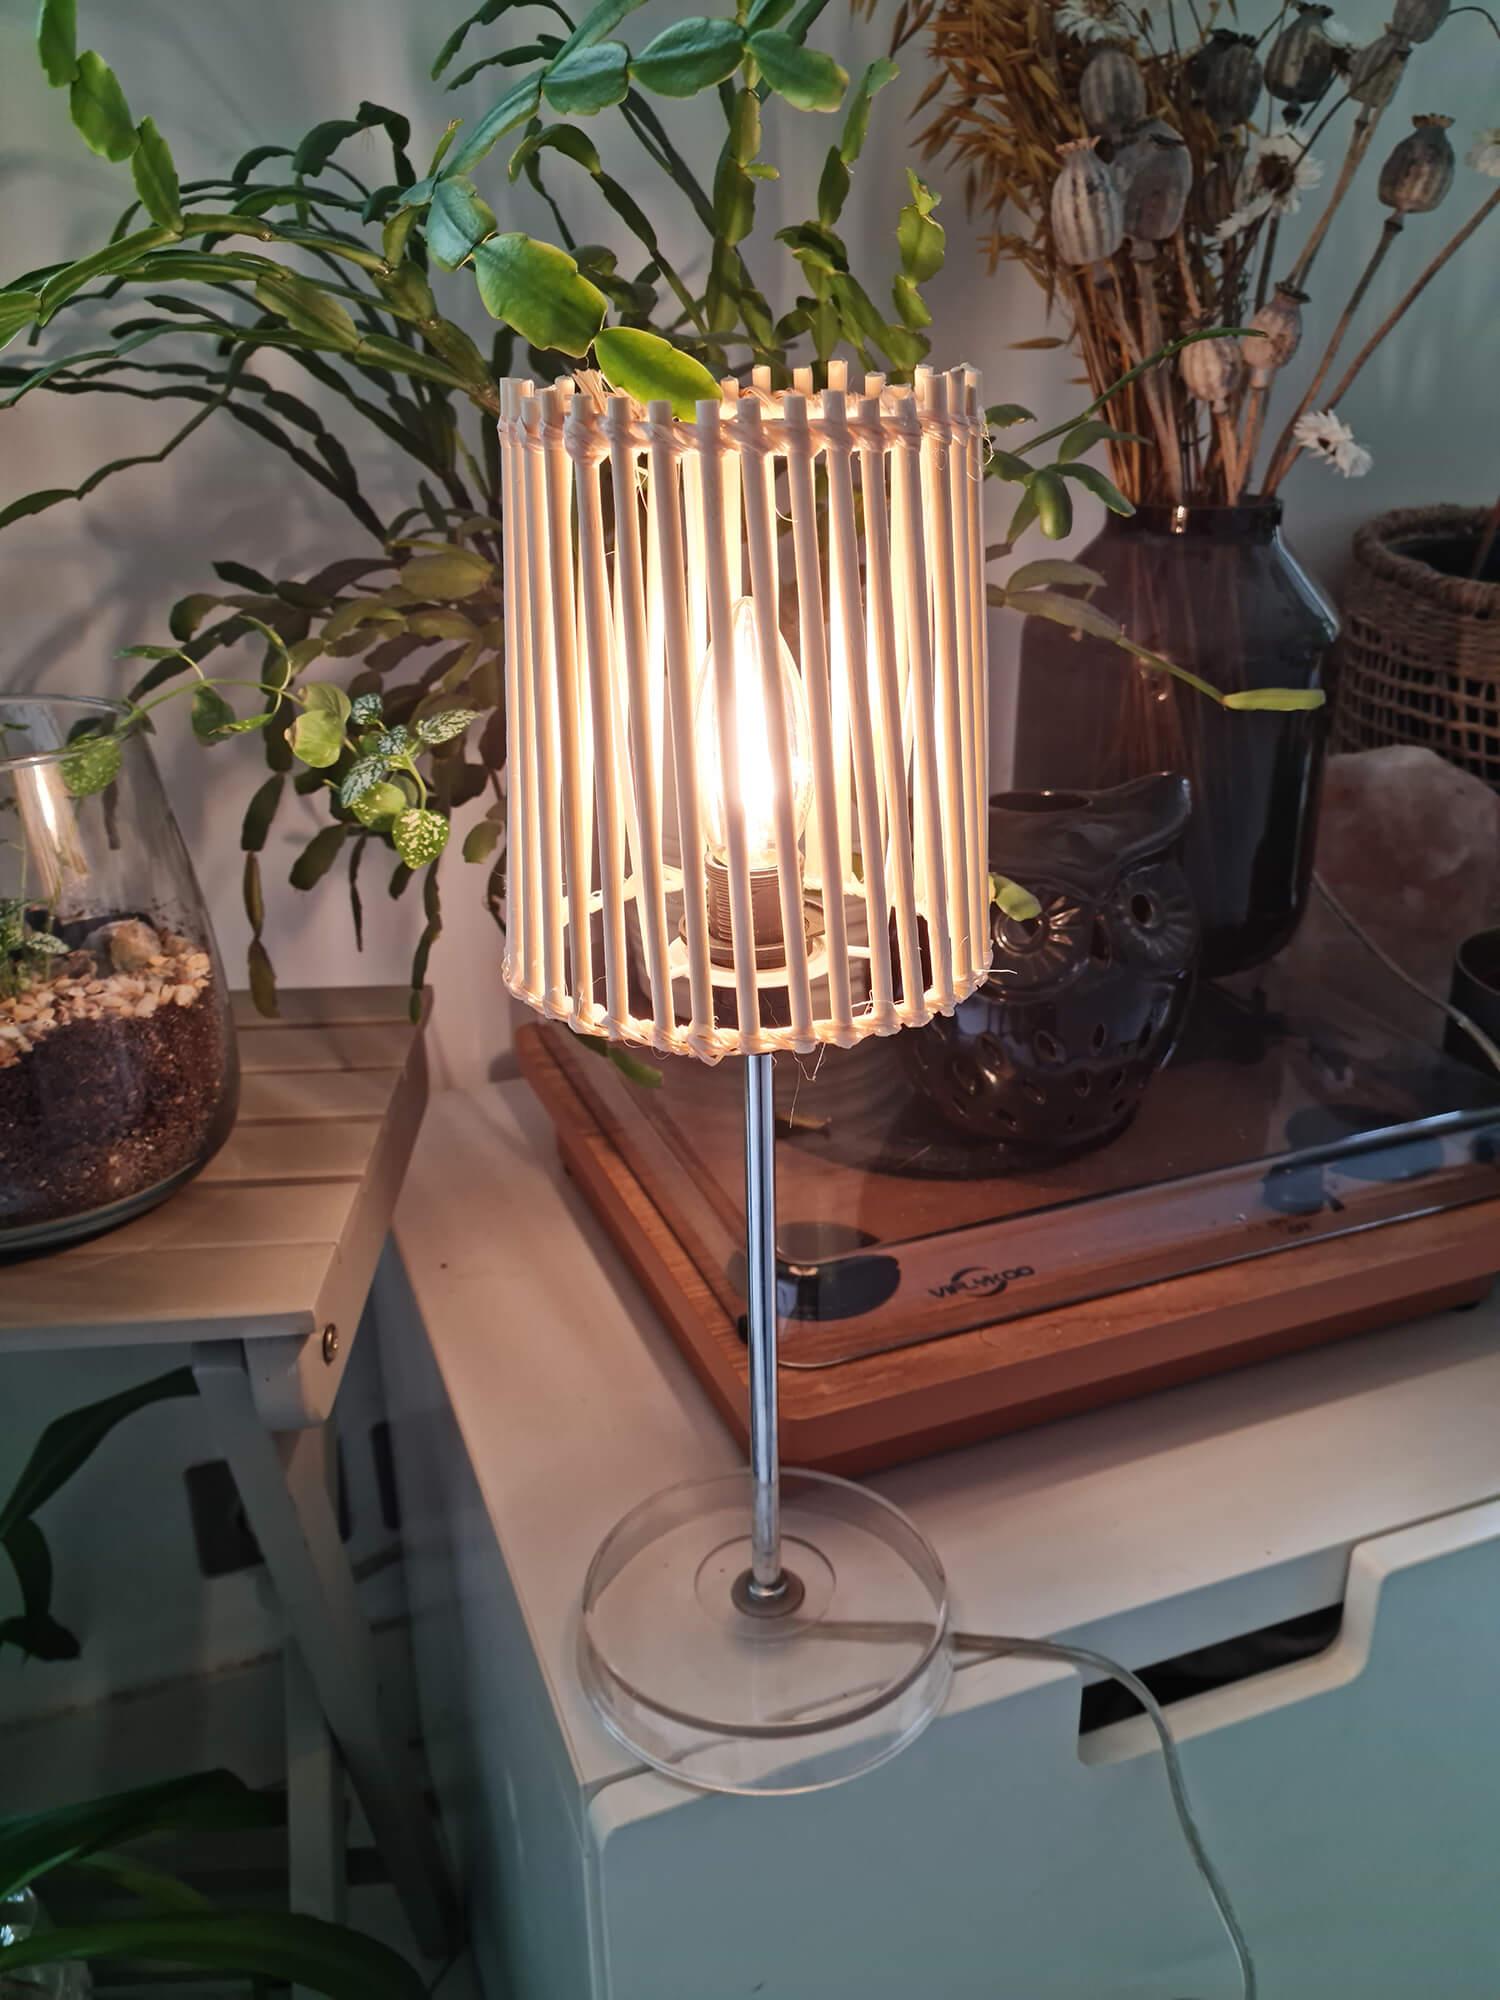 20210409 151050 - Fabriquer une lampe nature en bois pour diffuser une lumière douce